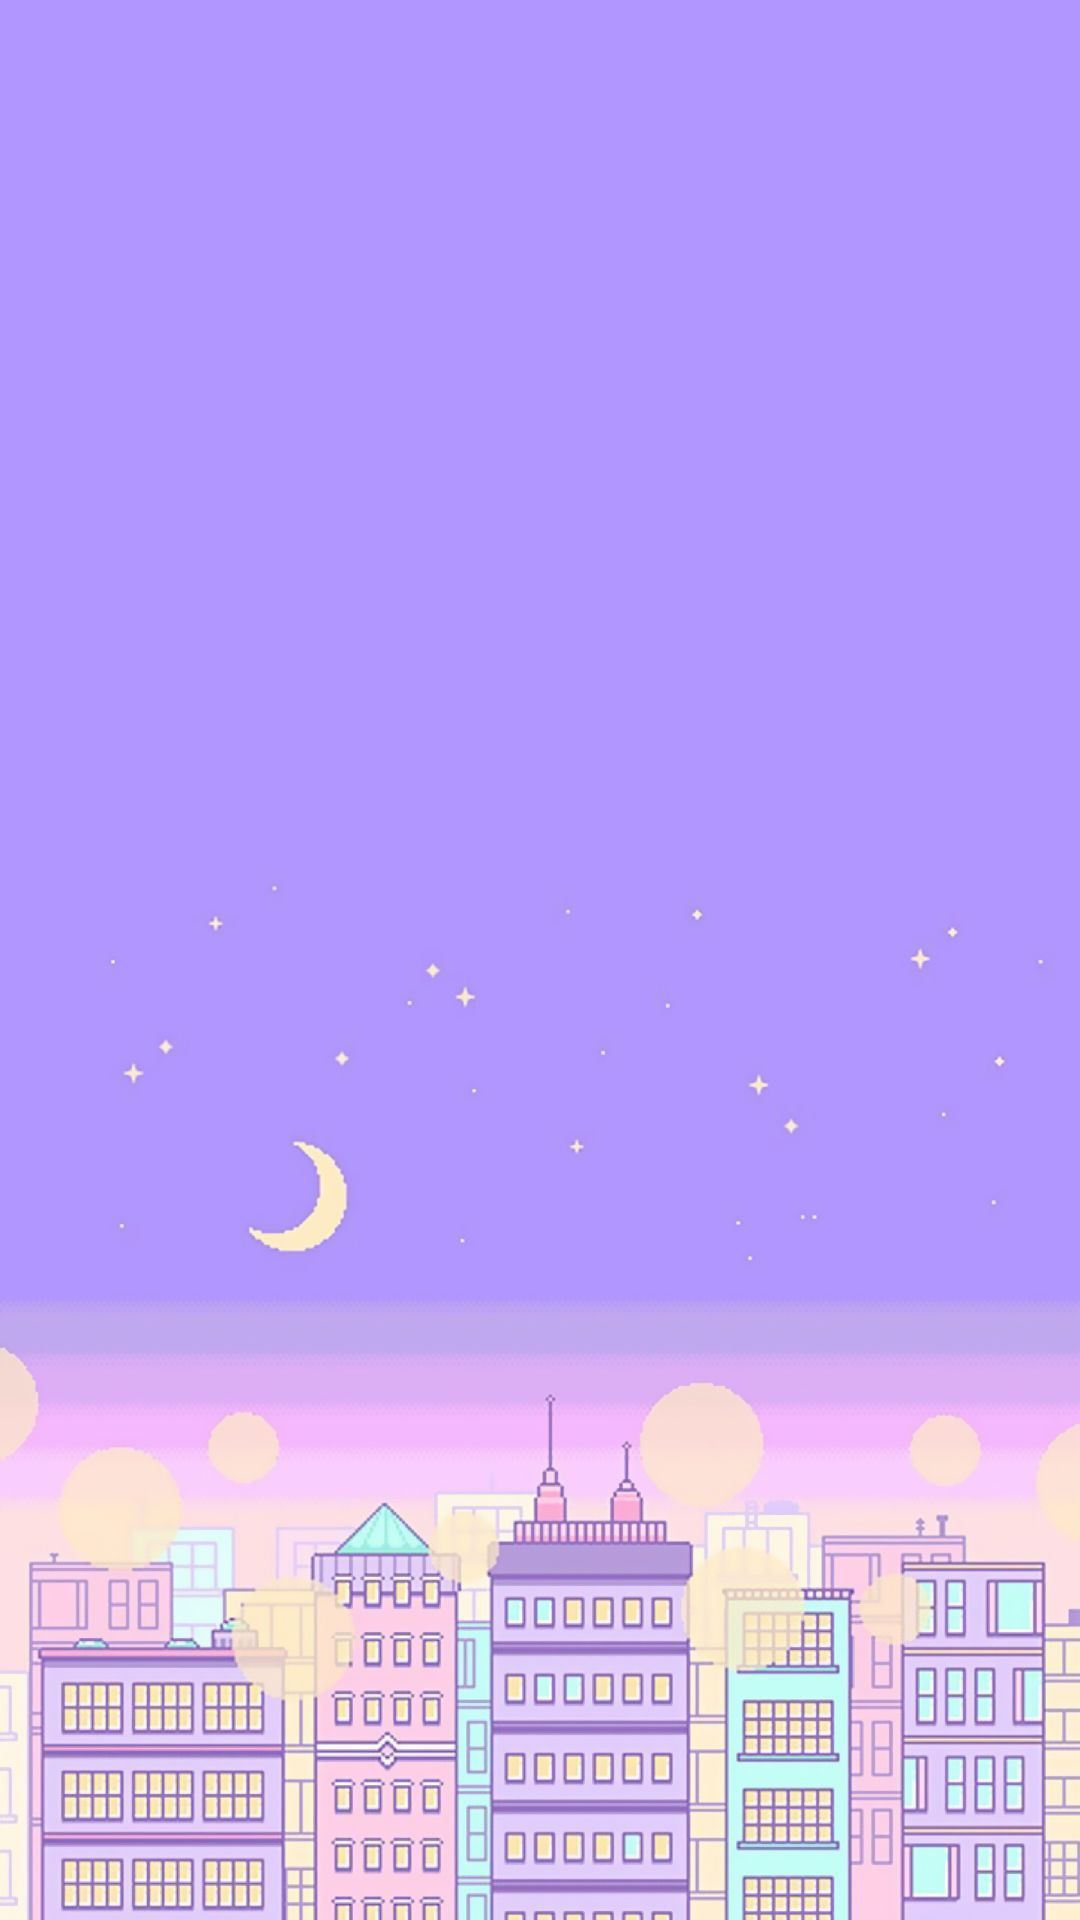 Purple Wallpaper Purple Wallpaper Anime Scenery Wallpaper Purple Wallpaper Iphone